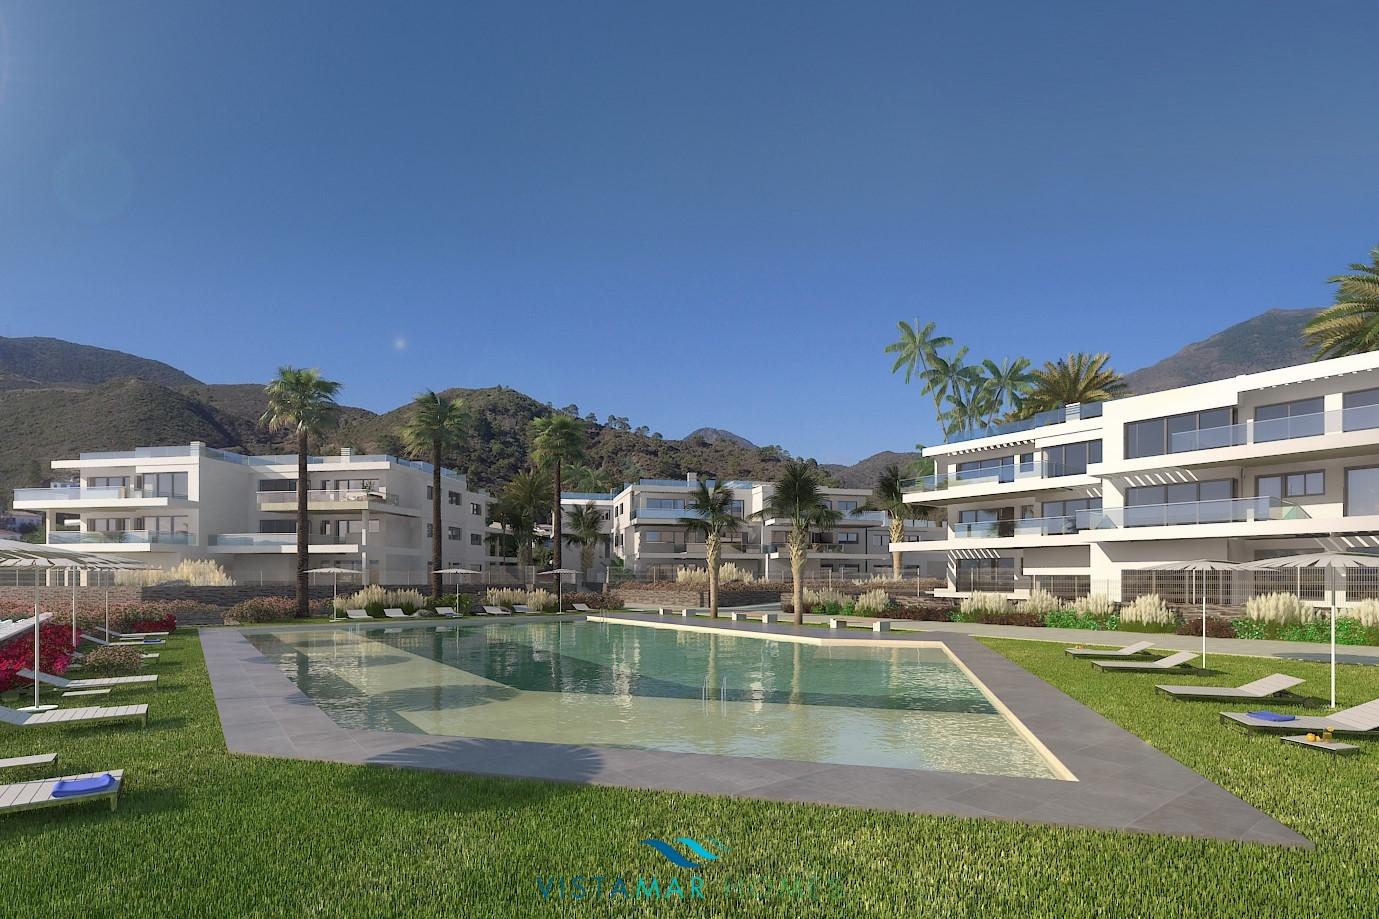 Promozione di appartamenti in stile contemporaneo a Benahavis